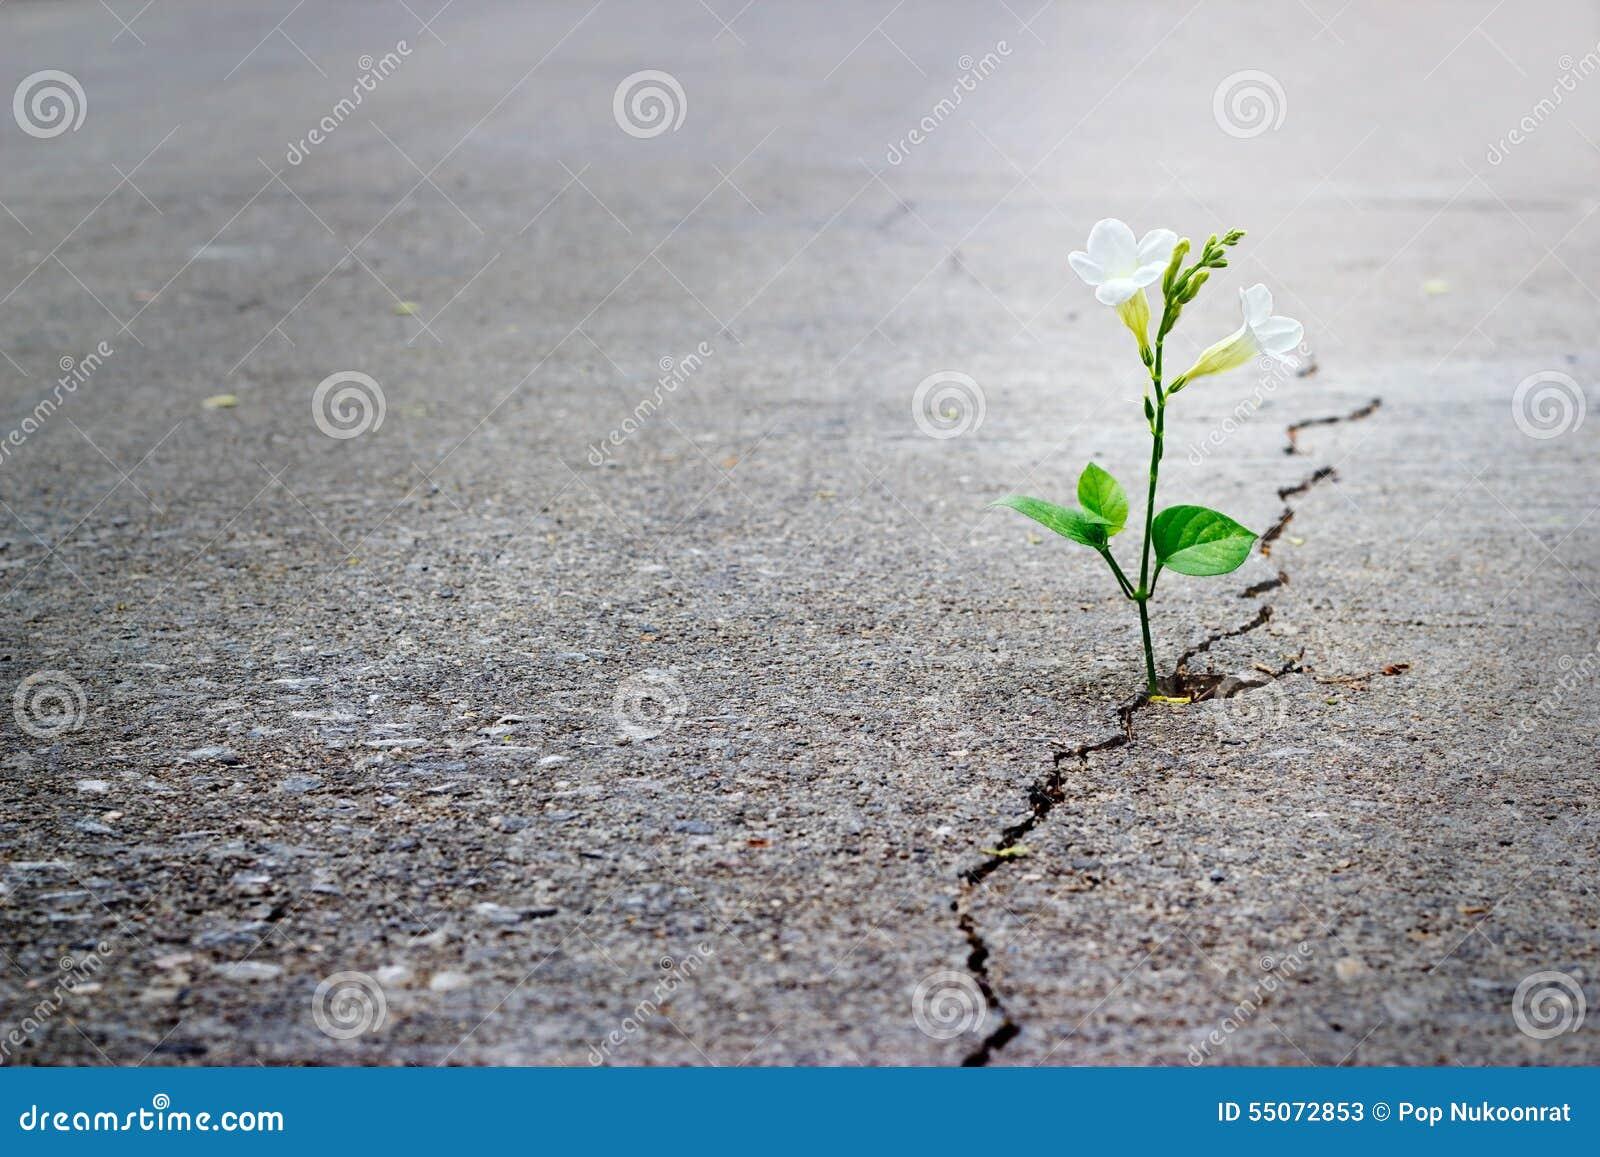 生长在高明的街道,软的焦点,空白的文本上的白花